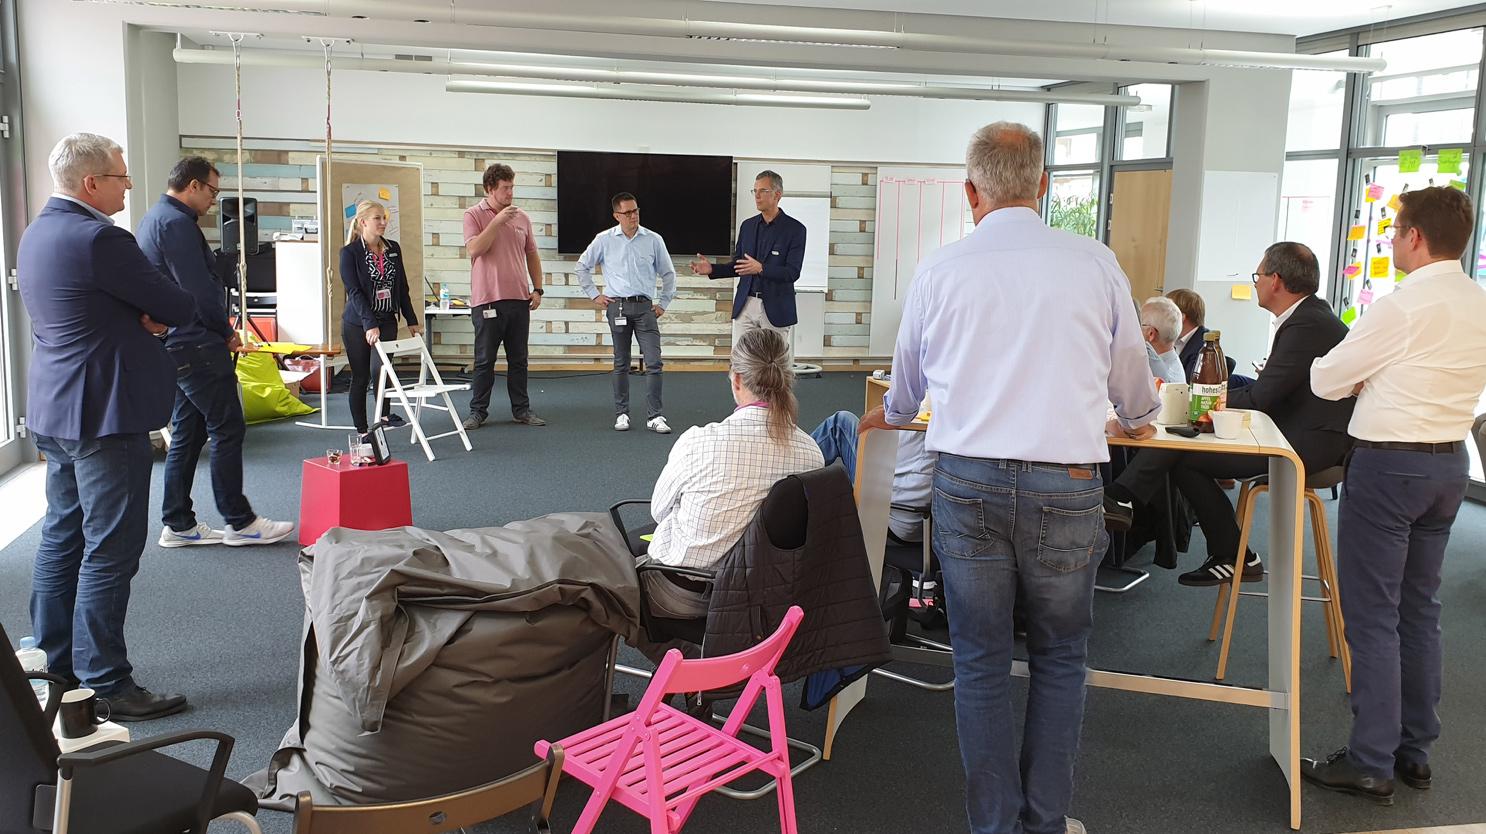 New Work bei T-Systems. Design Thinking. Team Workshop. Von Appen Consulting